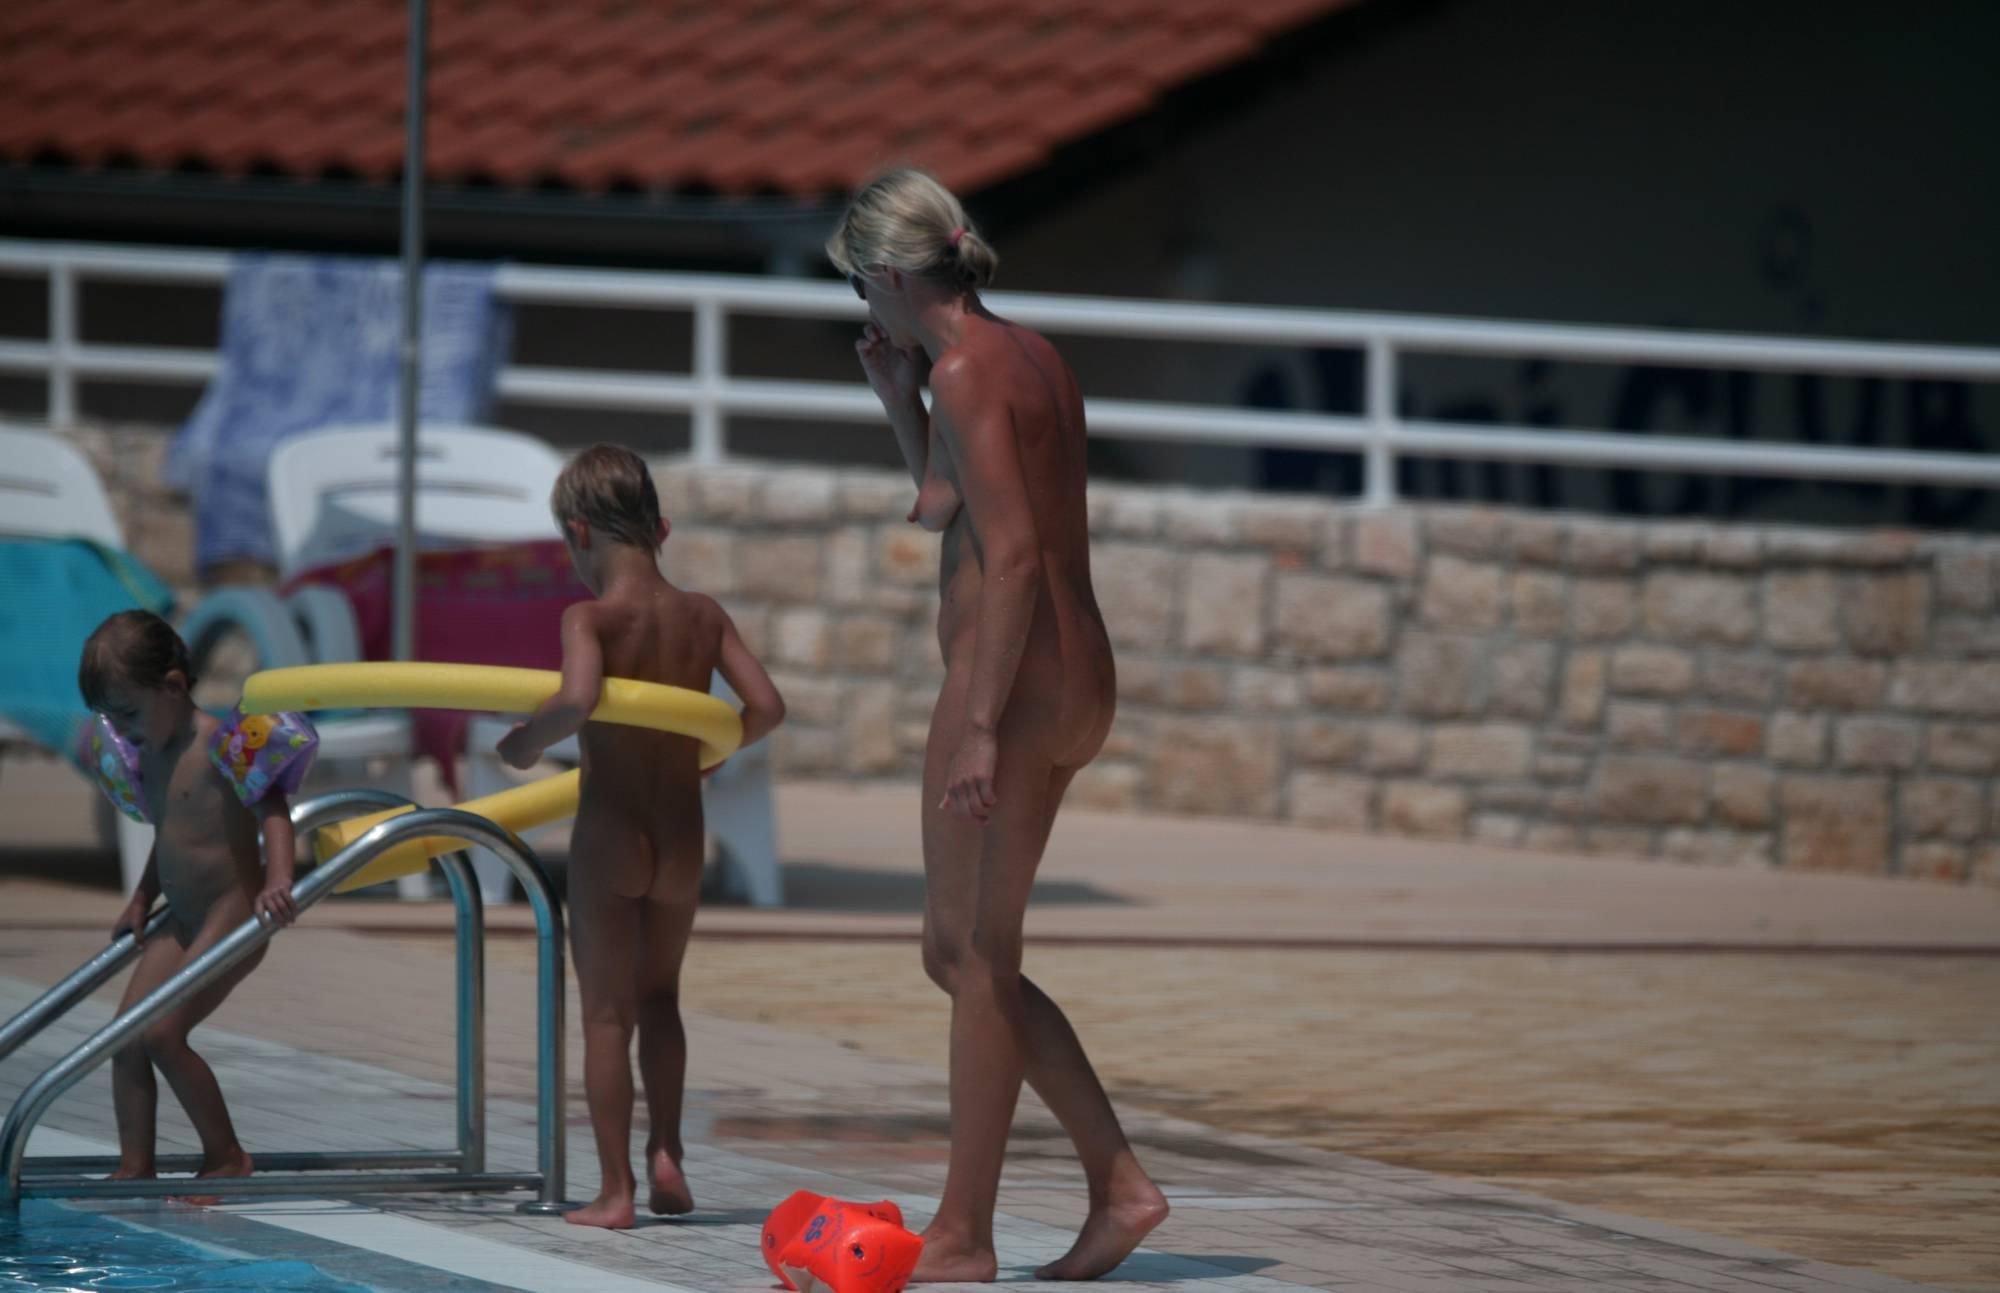 Nudist Gallery Naturist Poolside Families - 1